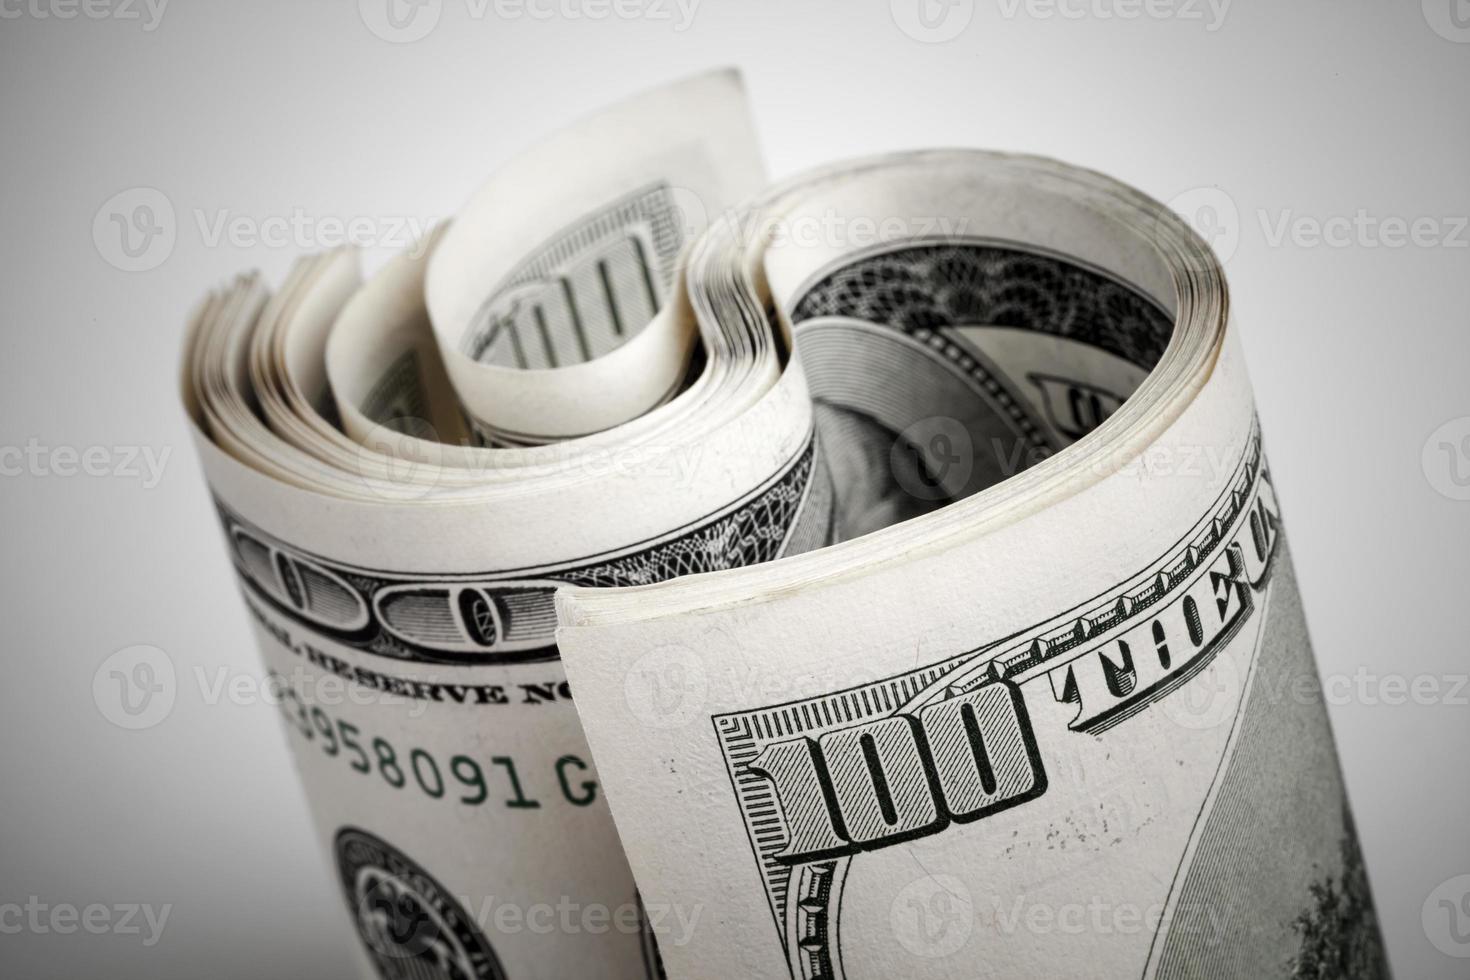 verdraaide Amerikaanse dollars, honderd usd bankbiljetten foto